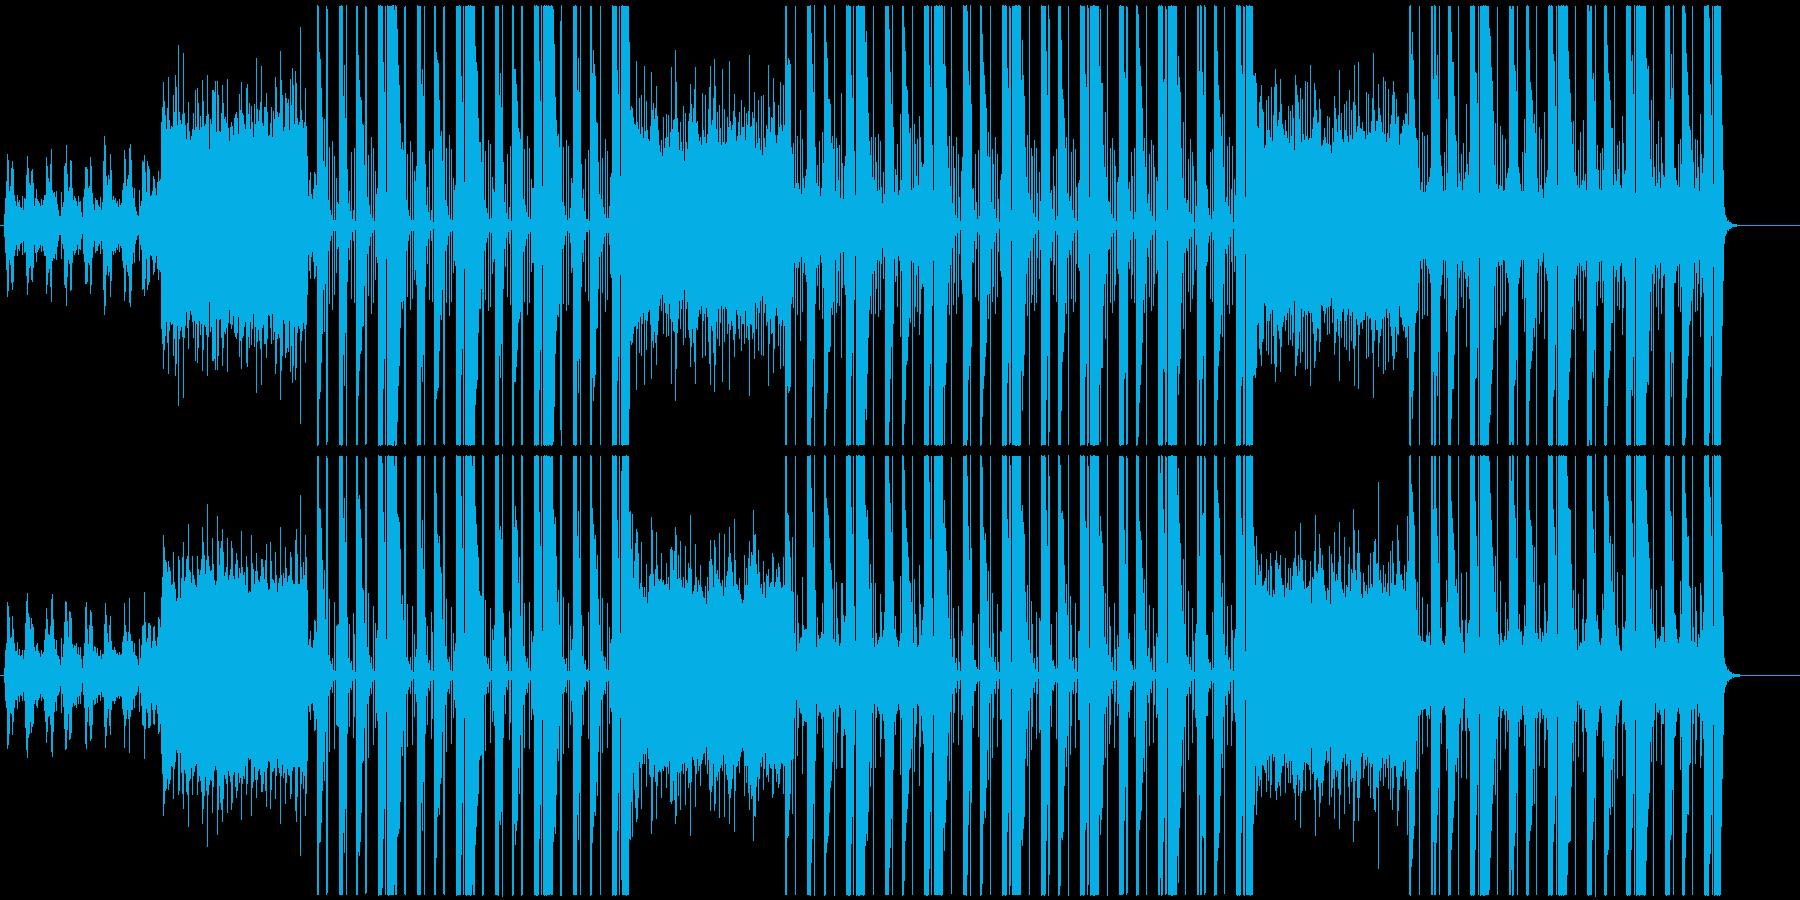 洋楽、トラップ、ヒップホップサウンド♪の再生済みの波形